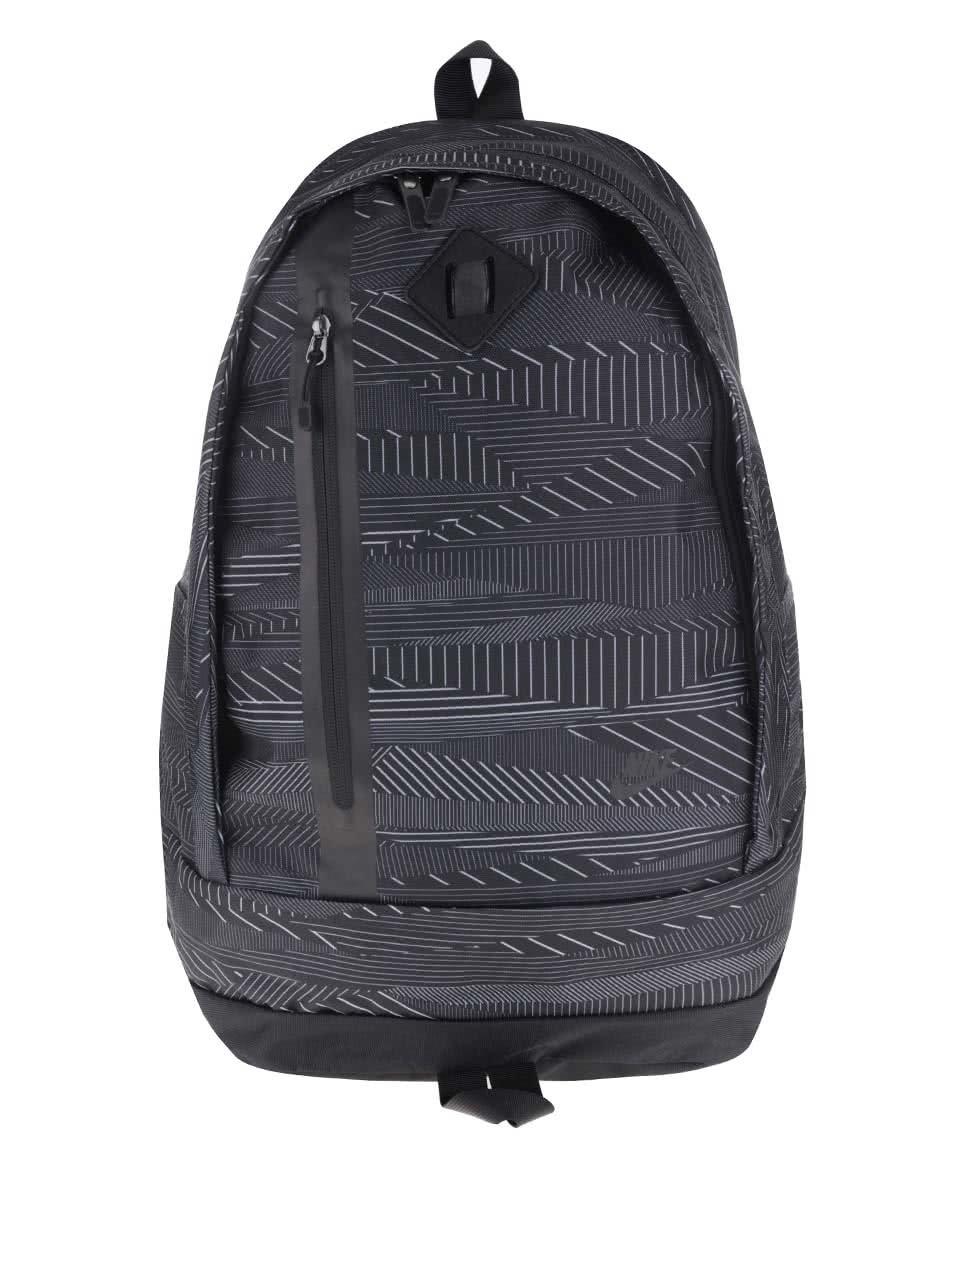 Černý vzorovaný batoh Nike Cheyenne 3.0